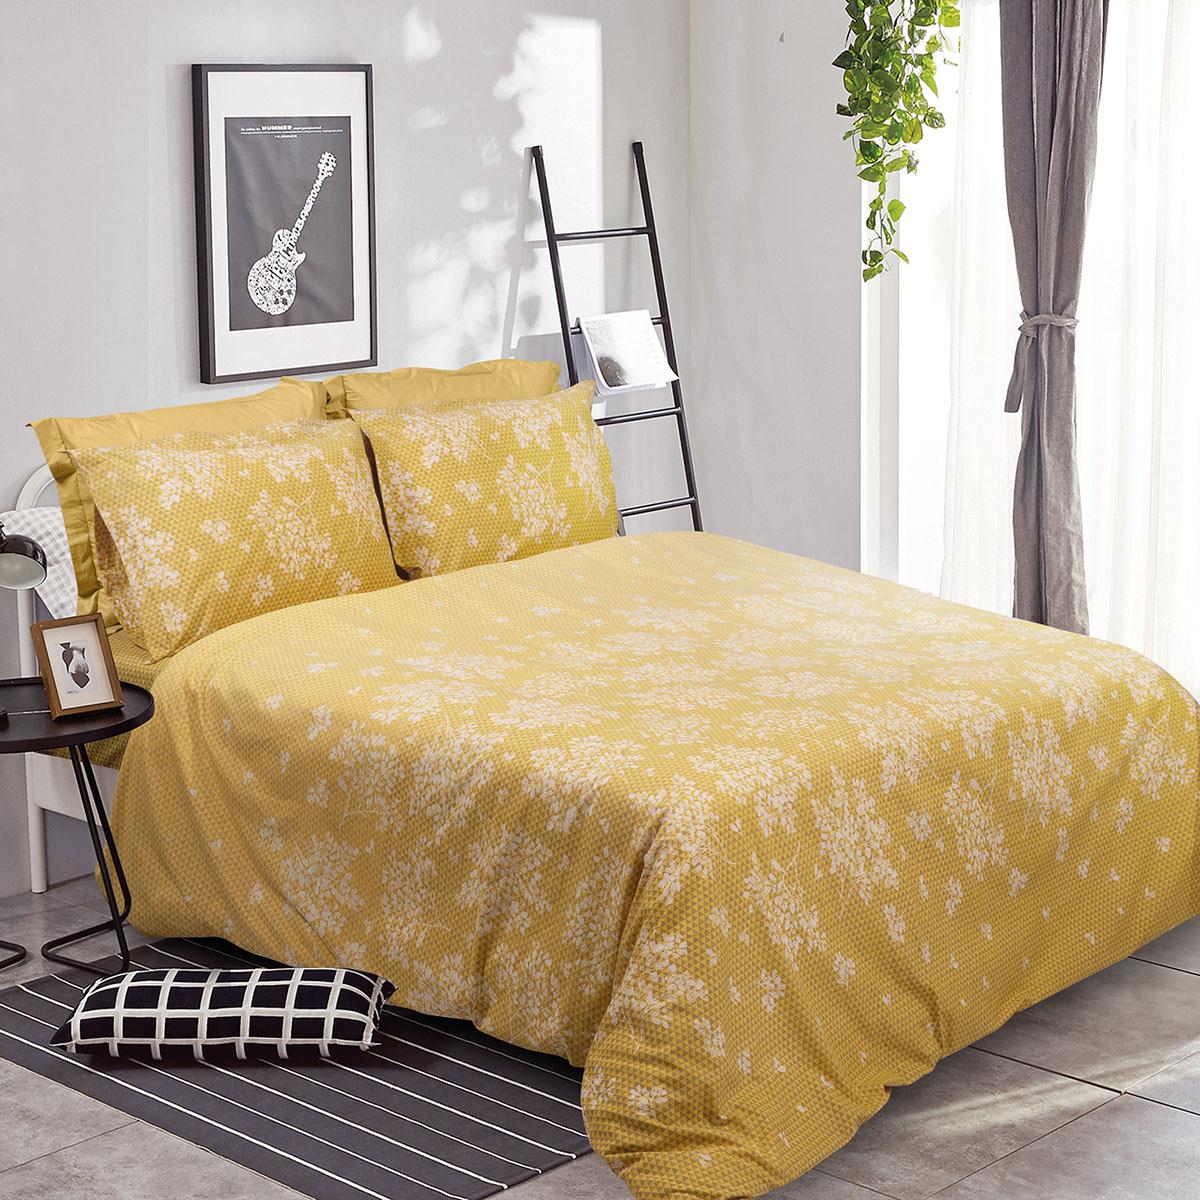 Σετ σεντόνια υπέρδιπλα Scarlet Art 1980 230×240 Κίτρινο